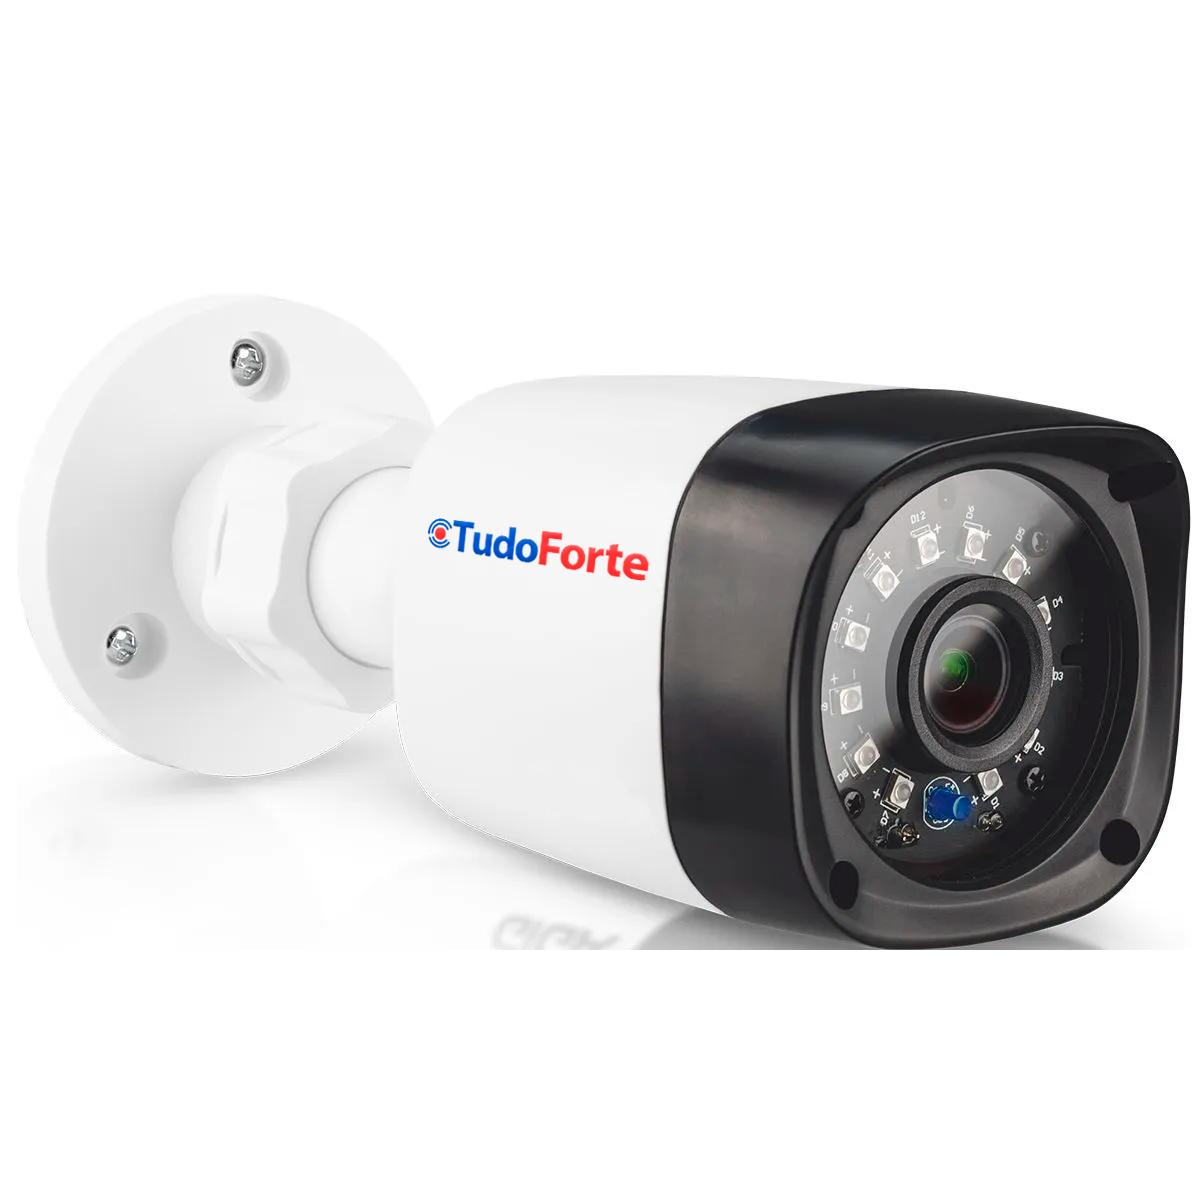 kit-2-cameras-vhd-3130-b-g6-dvr-intelbras-app-gratis-de-monitoramento-cameras-hd-720p-30m-infravermelho-de-visao-noturna-intelbras-fonte-cabos-e-acessorios-01